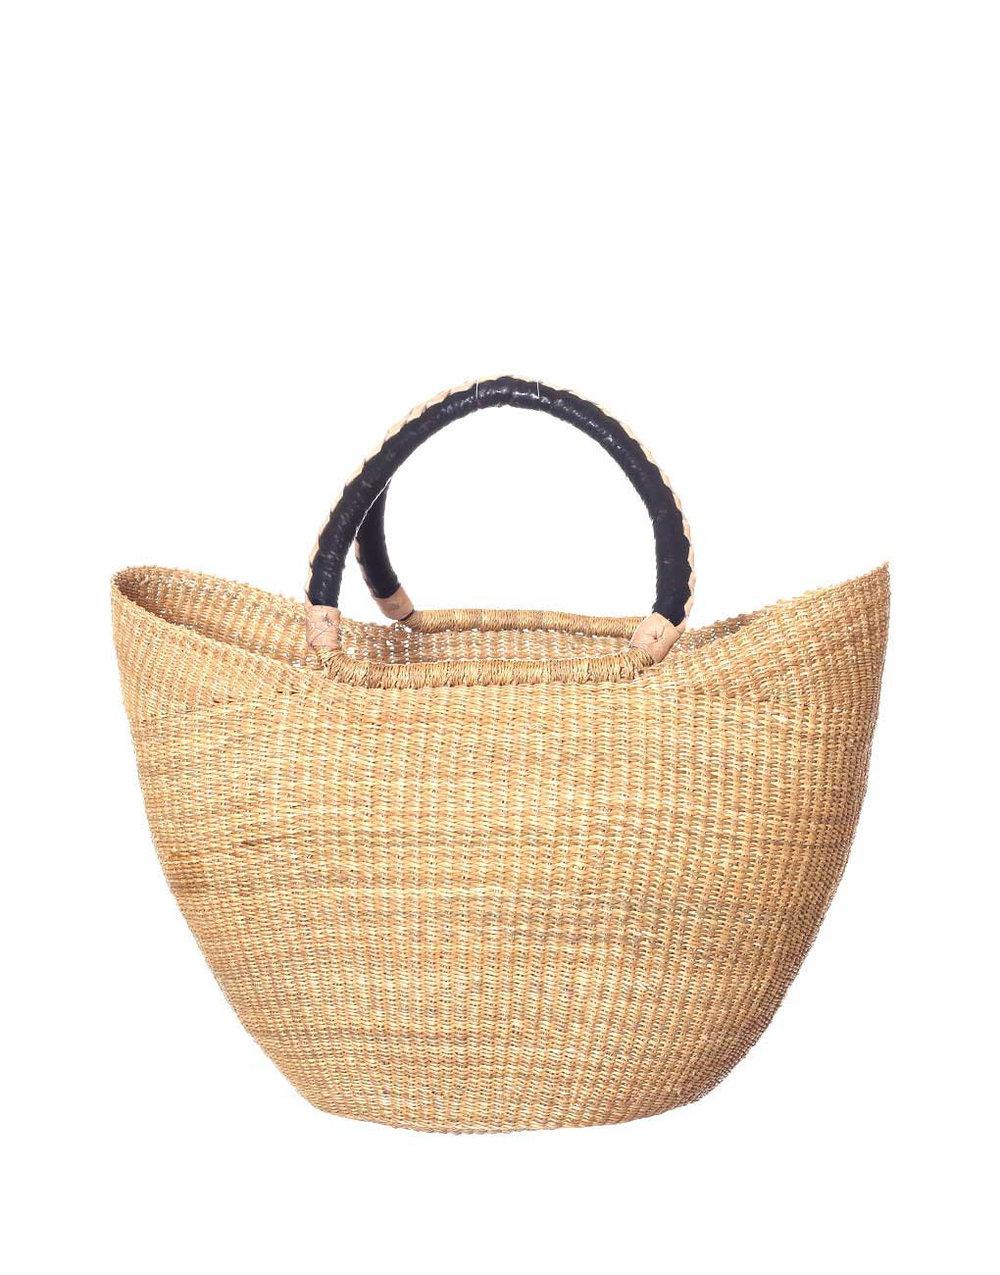 Handmade Woven Elephant Grass Market Basket   $64 |Little Market